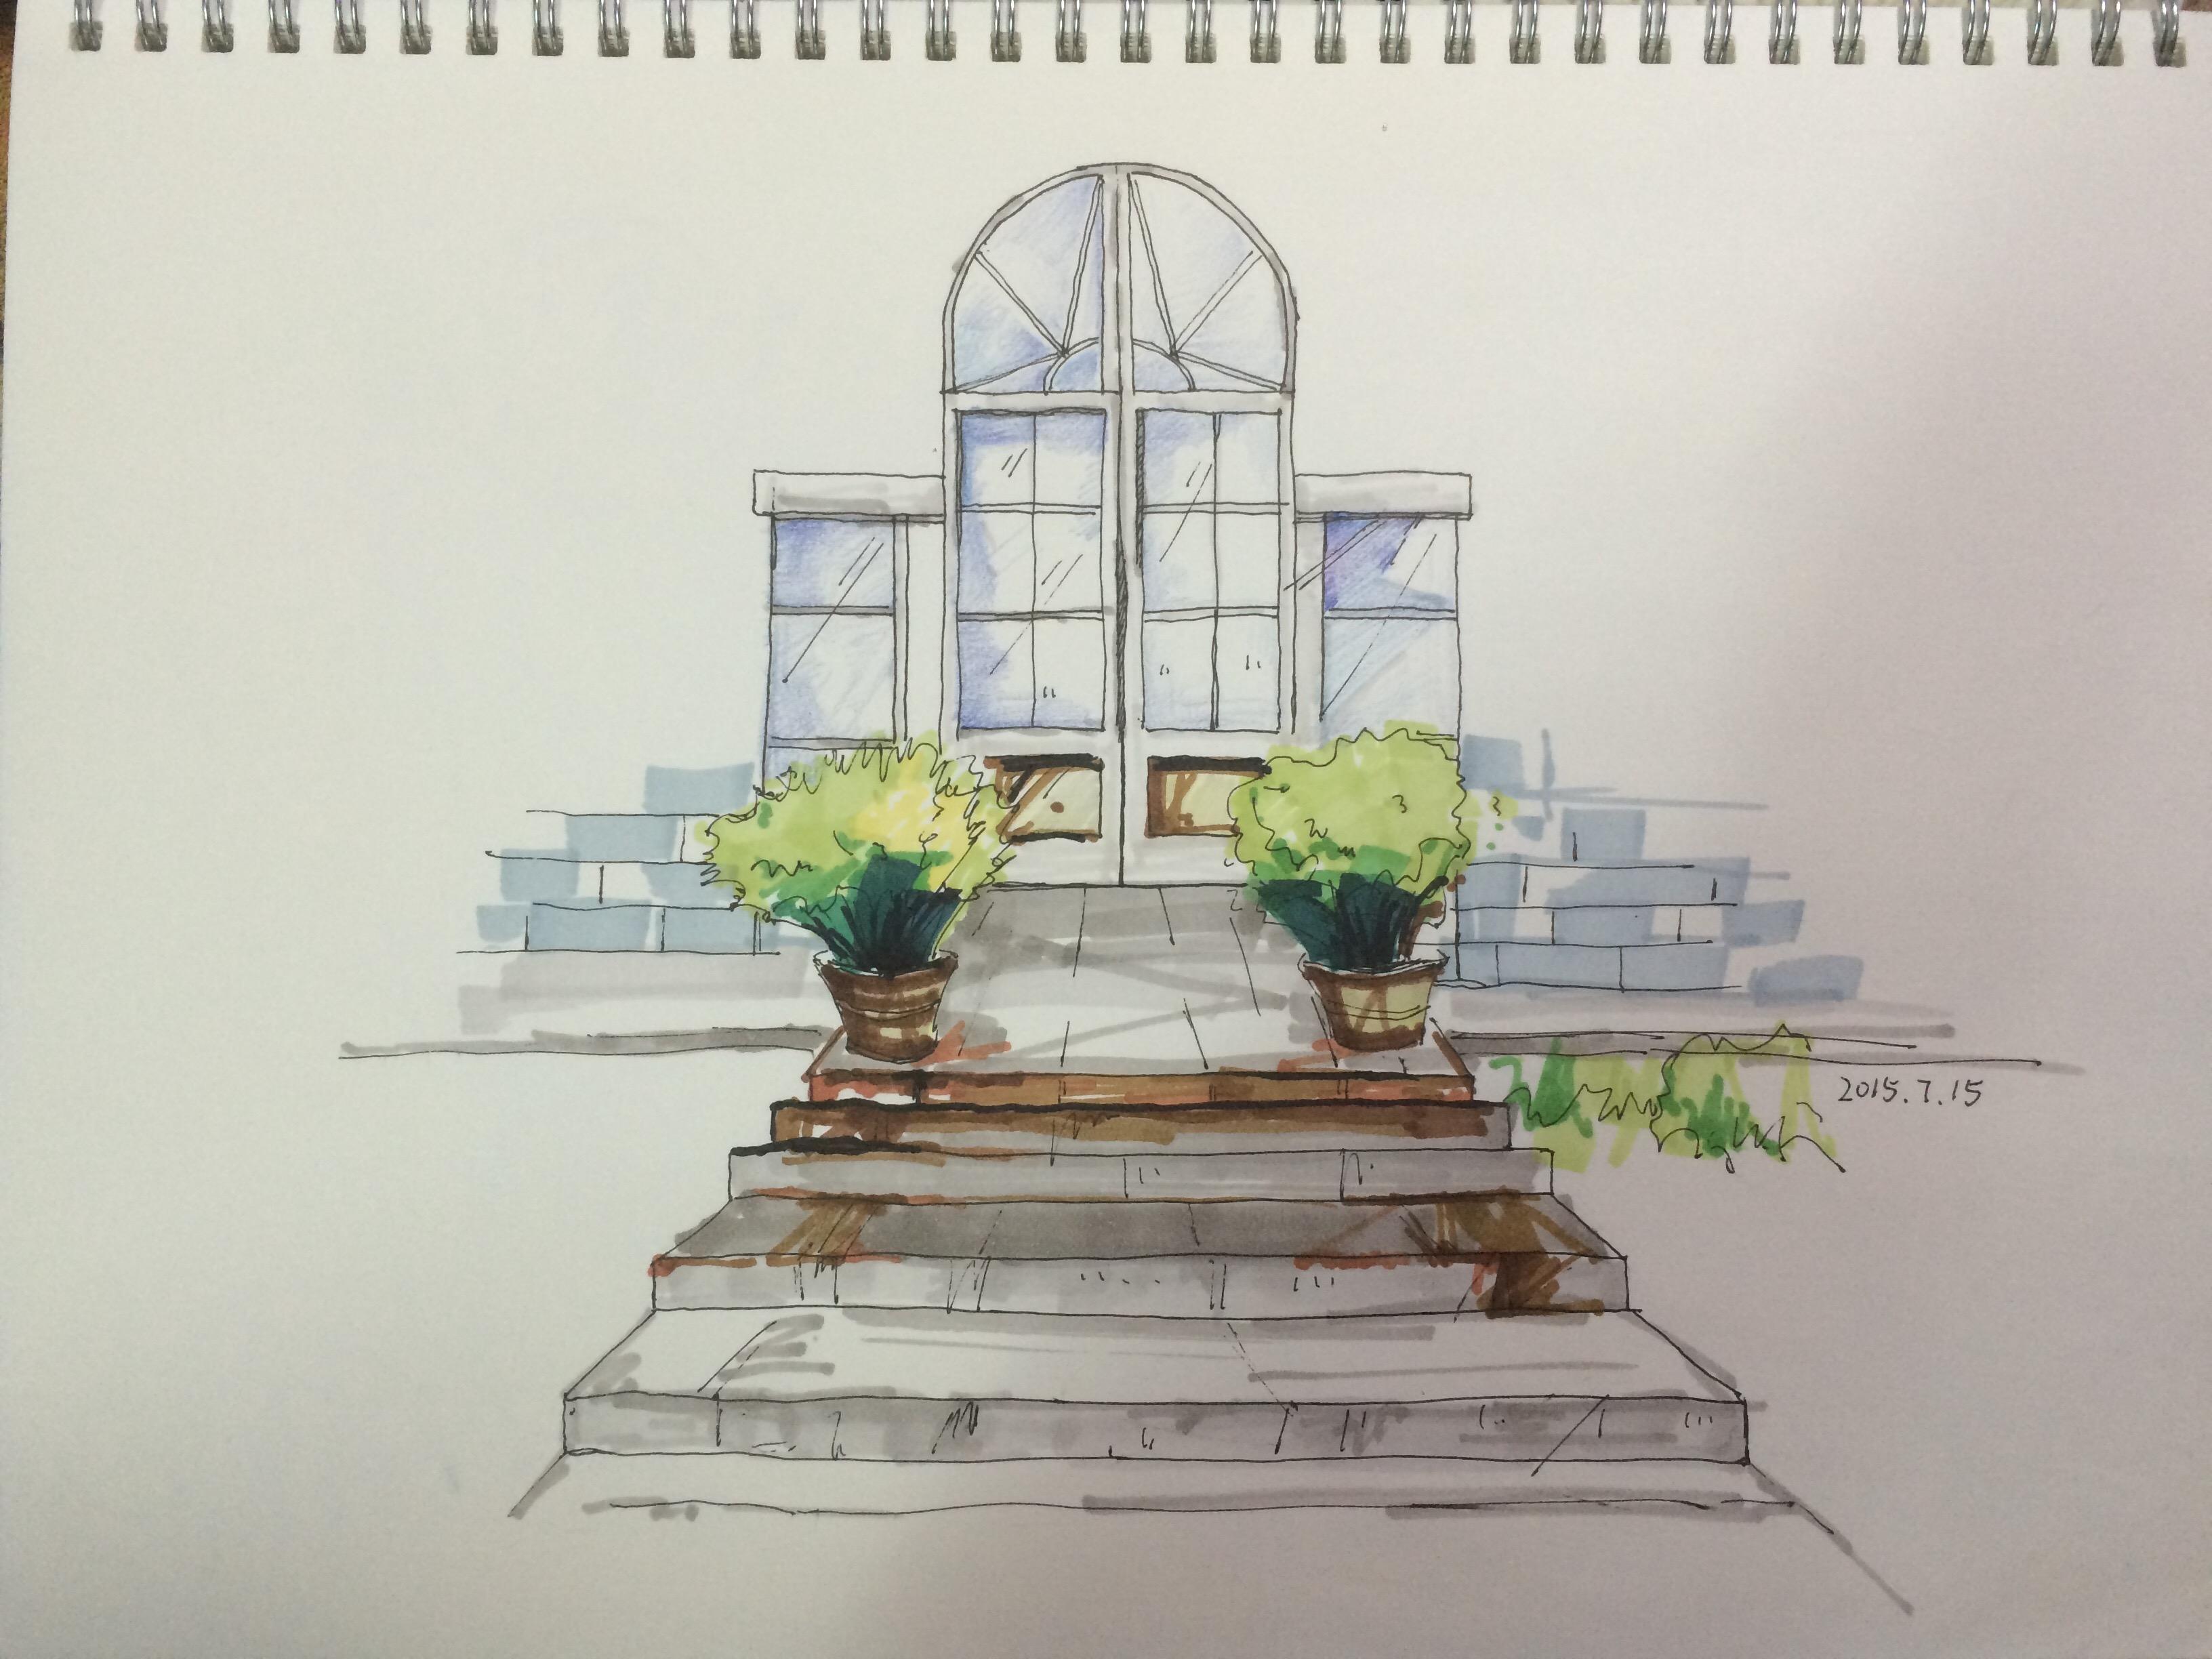 室外手绘图练习-临摹|空间|景观设计|唔唔唔唔 - 原创